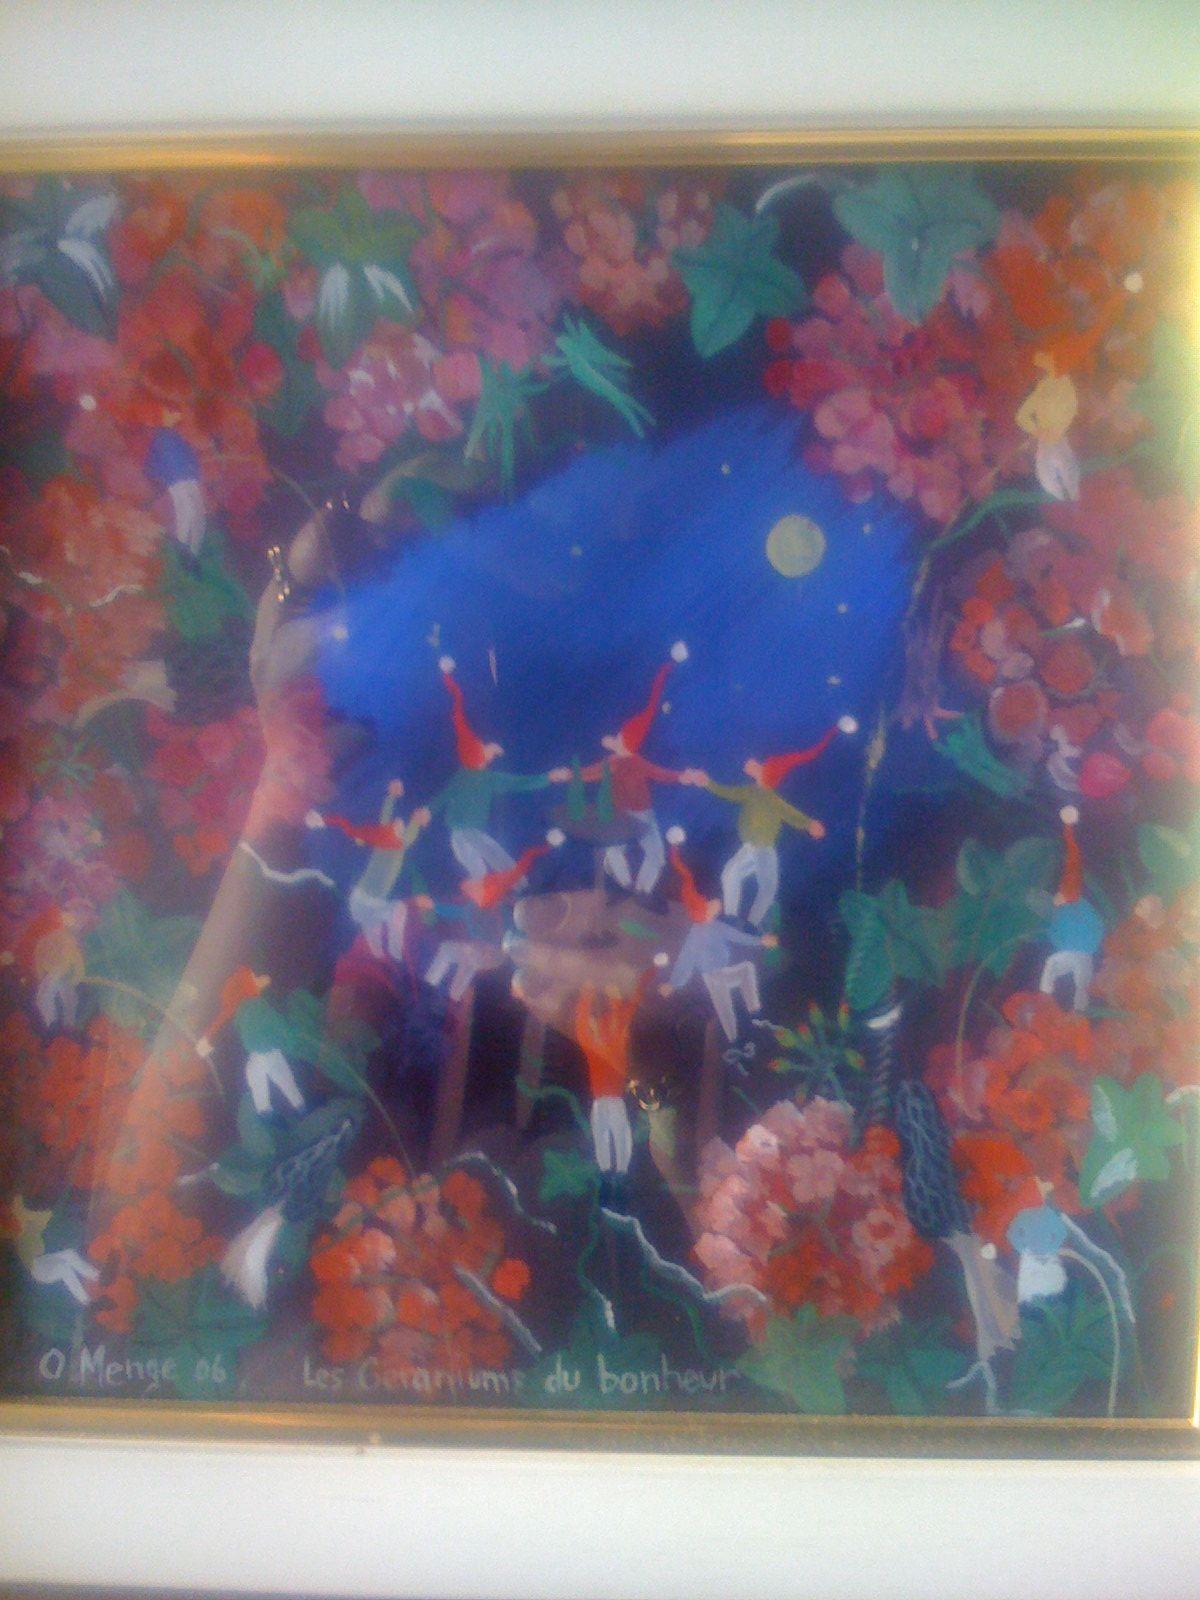 Les géraniums d'Olivier Menge